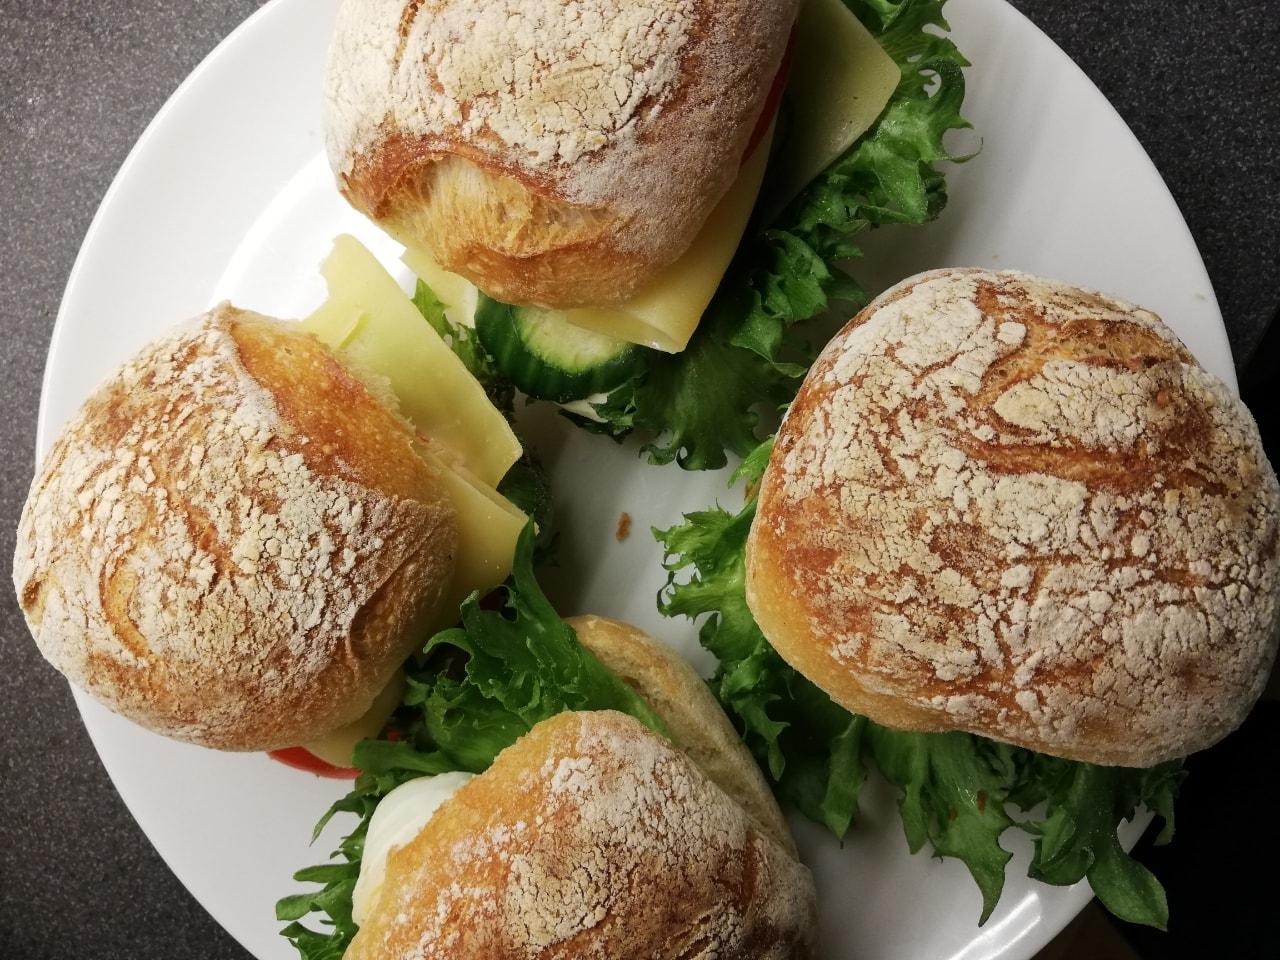 Vegetarian sandiwches